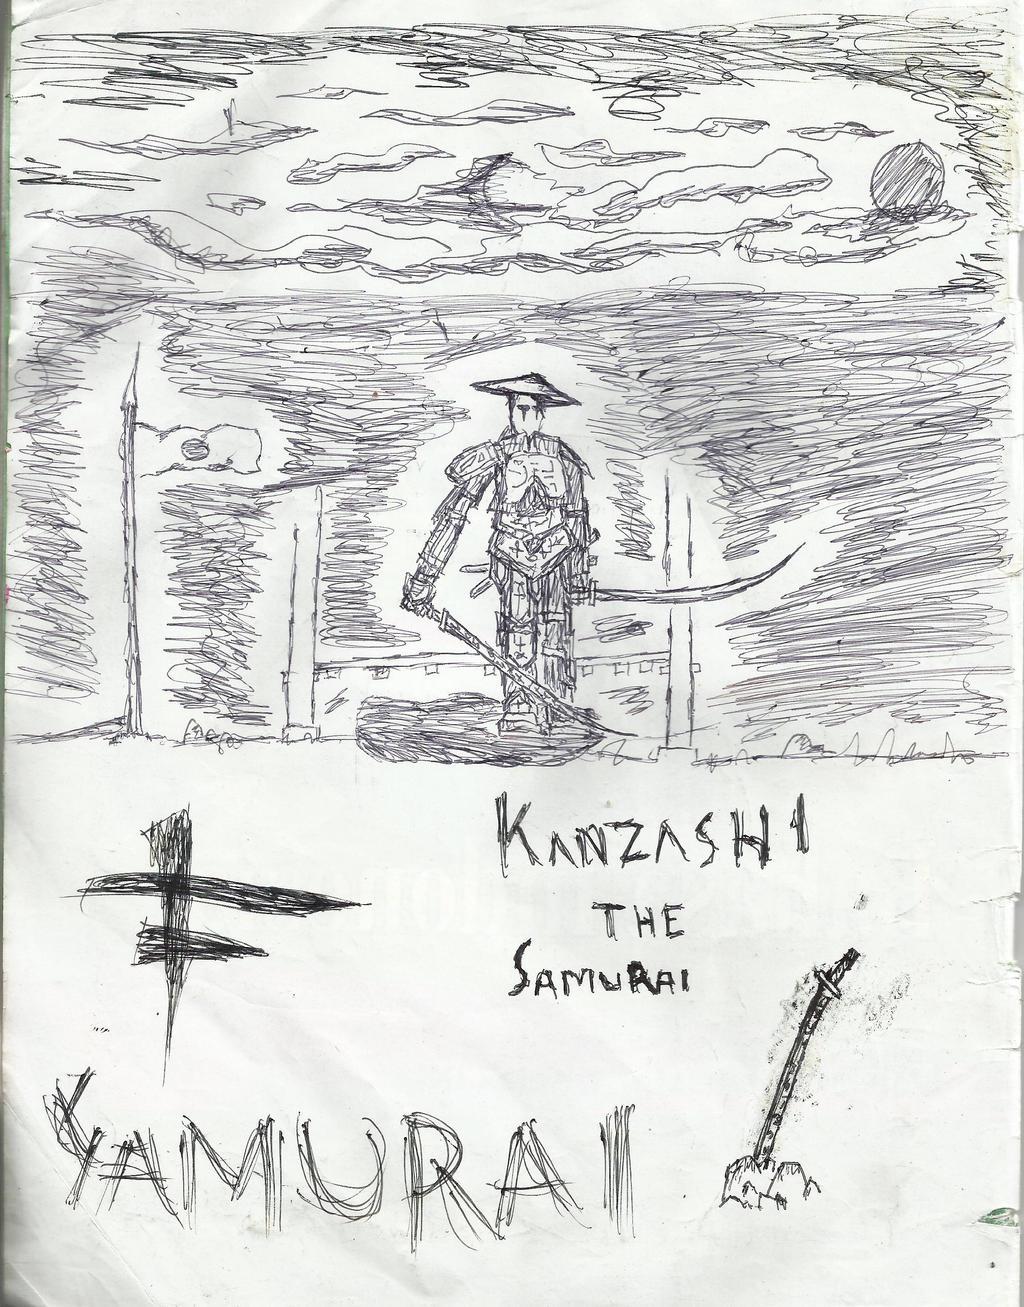 Kanzashi by Kentasabuya